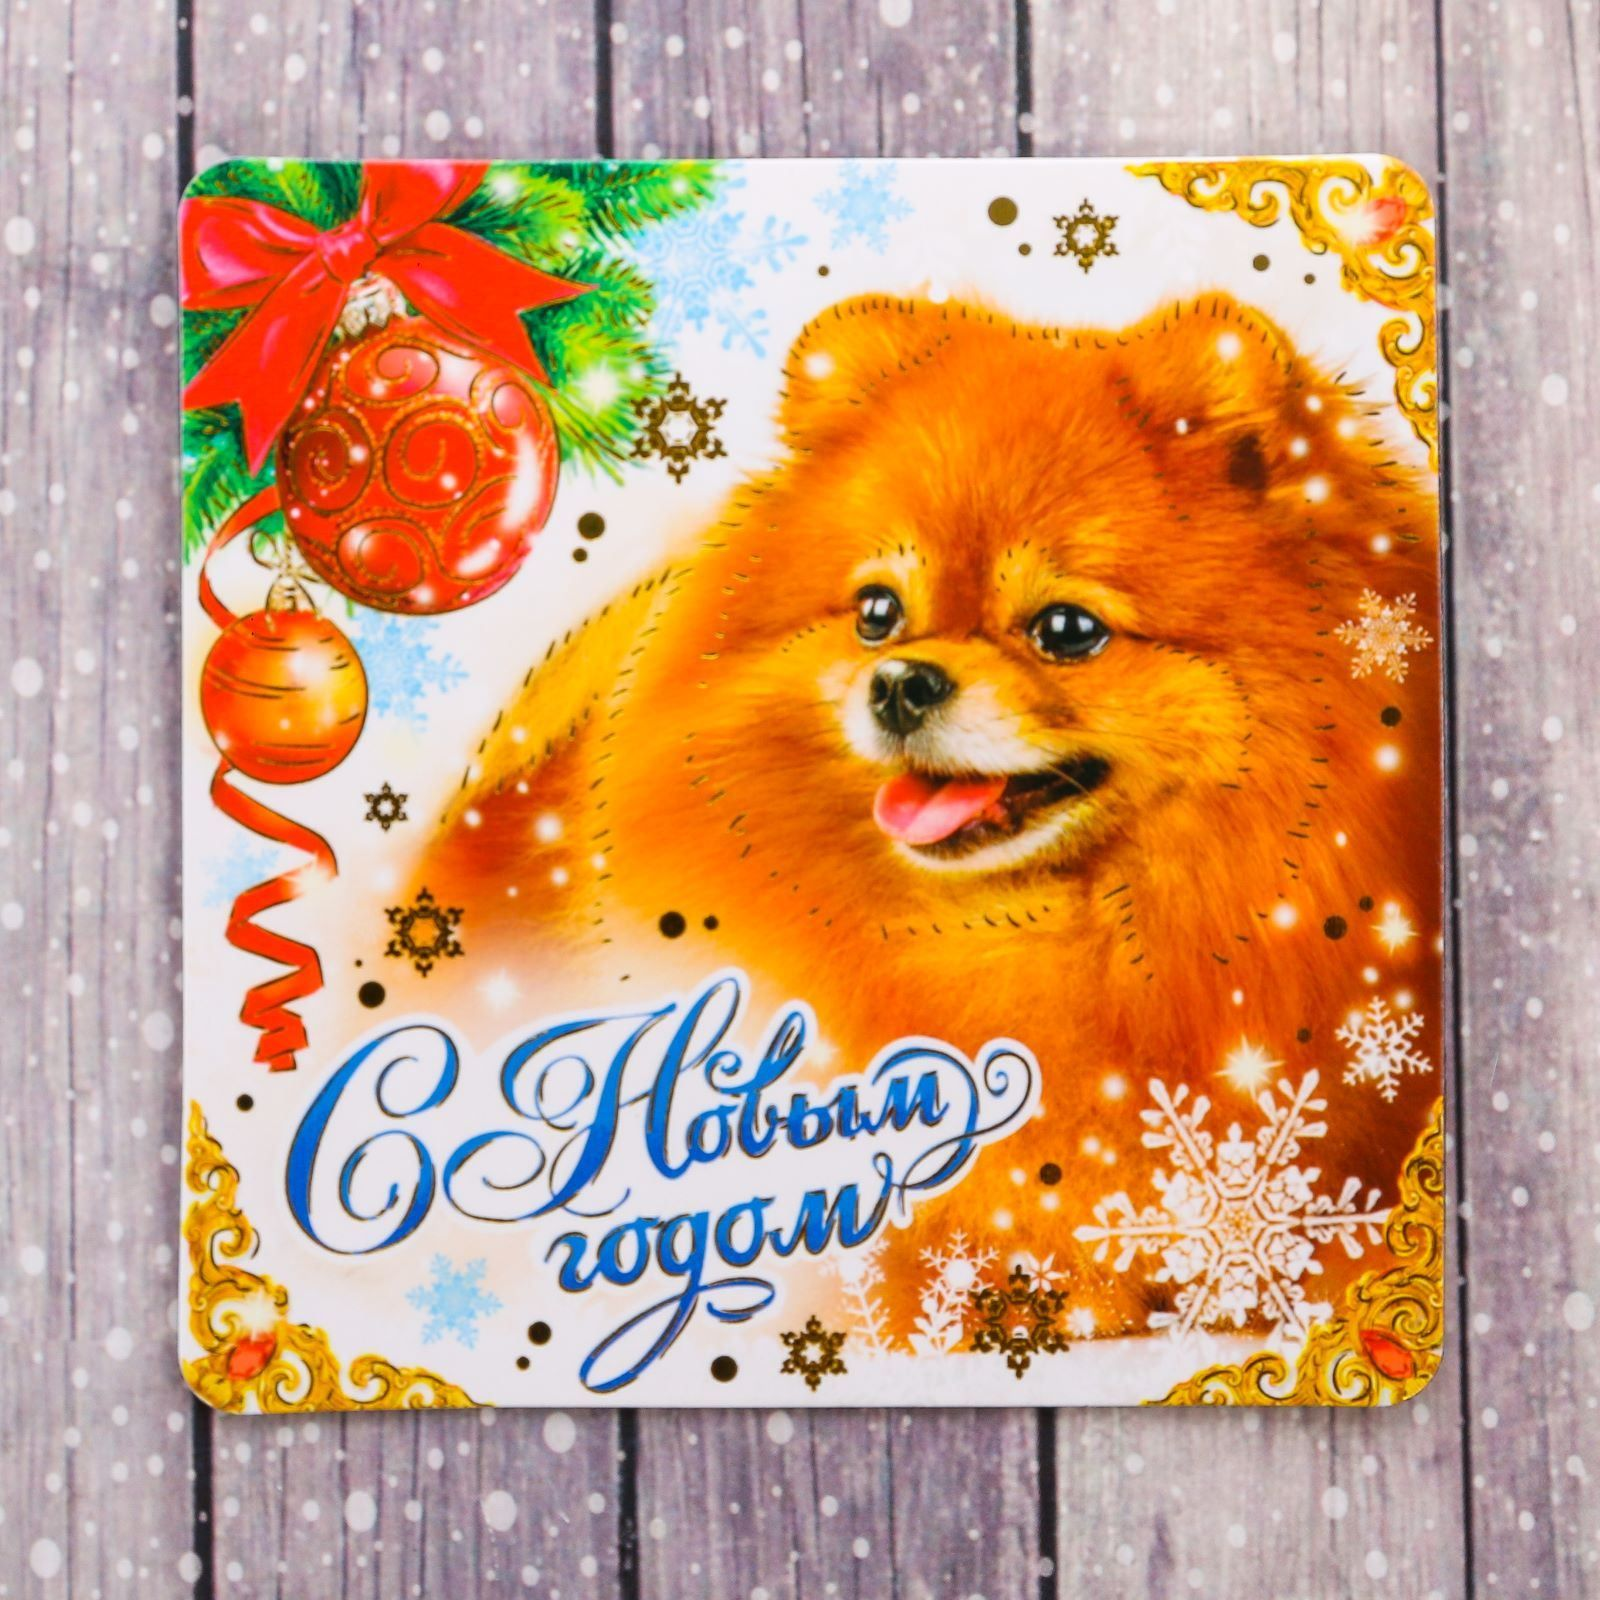 Магнит Sima-land С Новым годом!, 8 х 8 см1894059Порадуйте родных и близких оригинальным сувениром: преподнесите в подарок магнит. С ним даже самый серьёзный человек почувствует себя ребёнком, ожидающим чудо! Создайте праздничное настроение, и оно останется с вами на весь год.